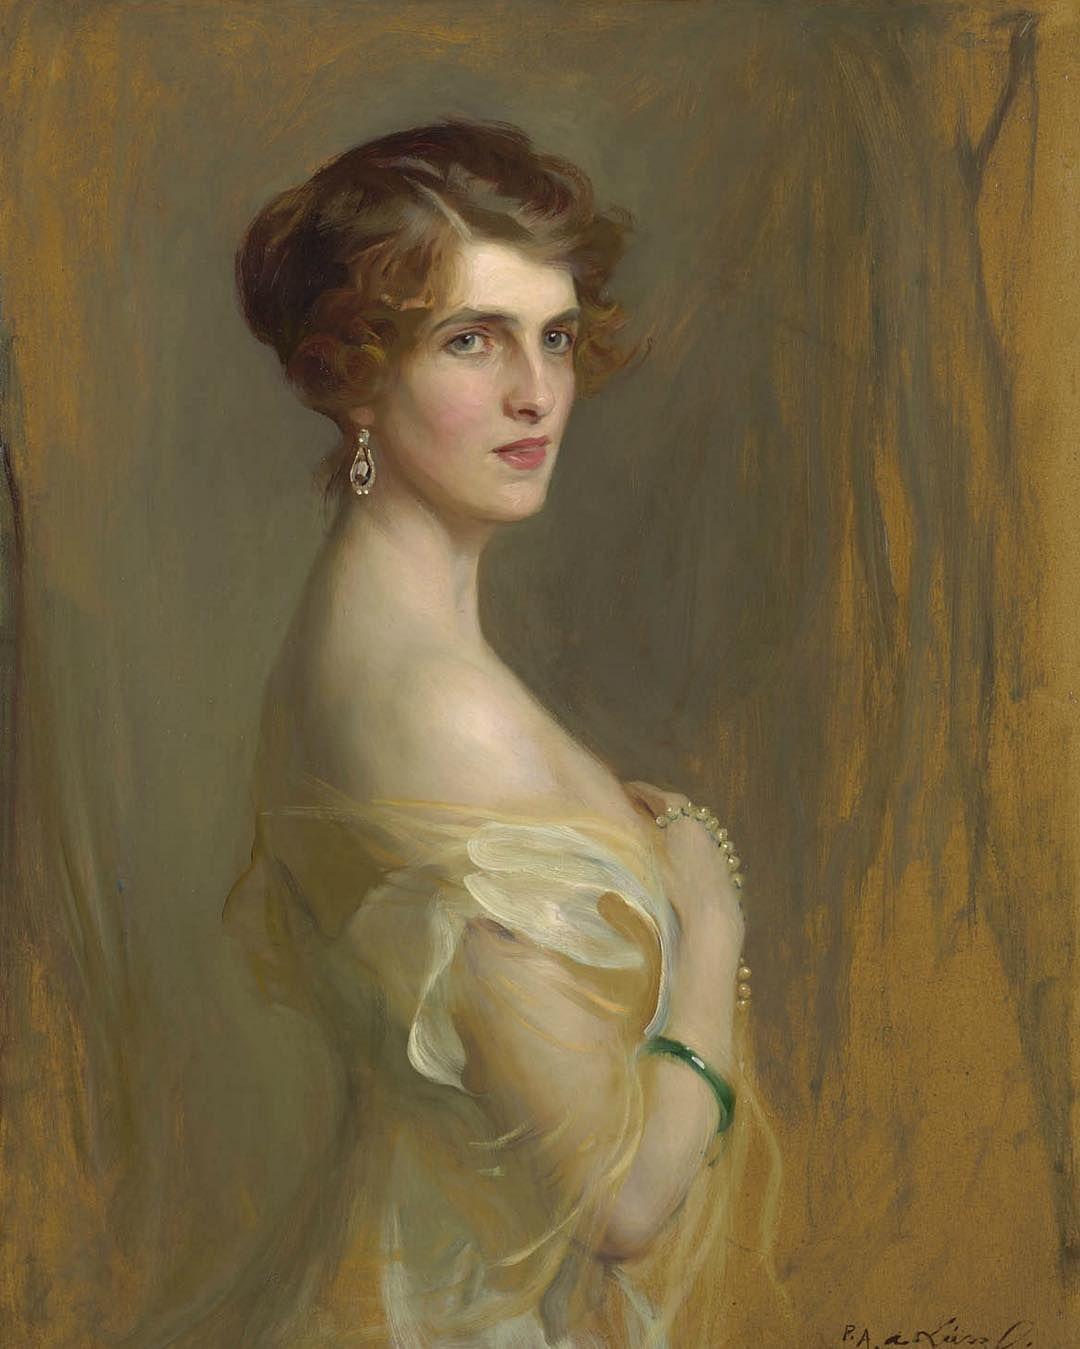 Viscountess Chaplin by Philip de Laszlo